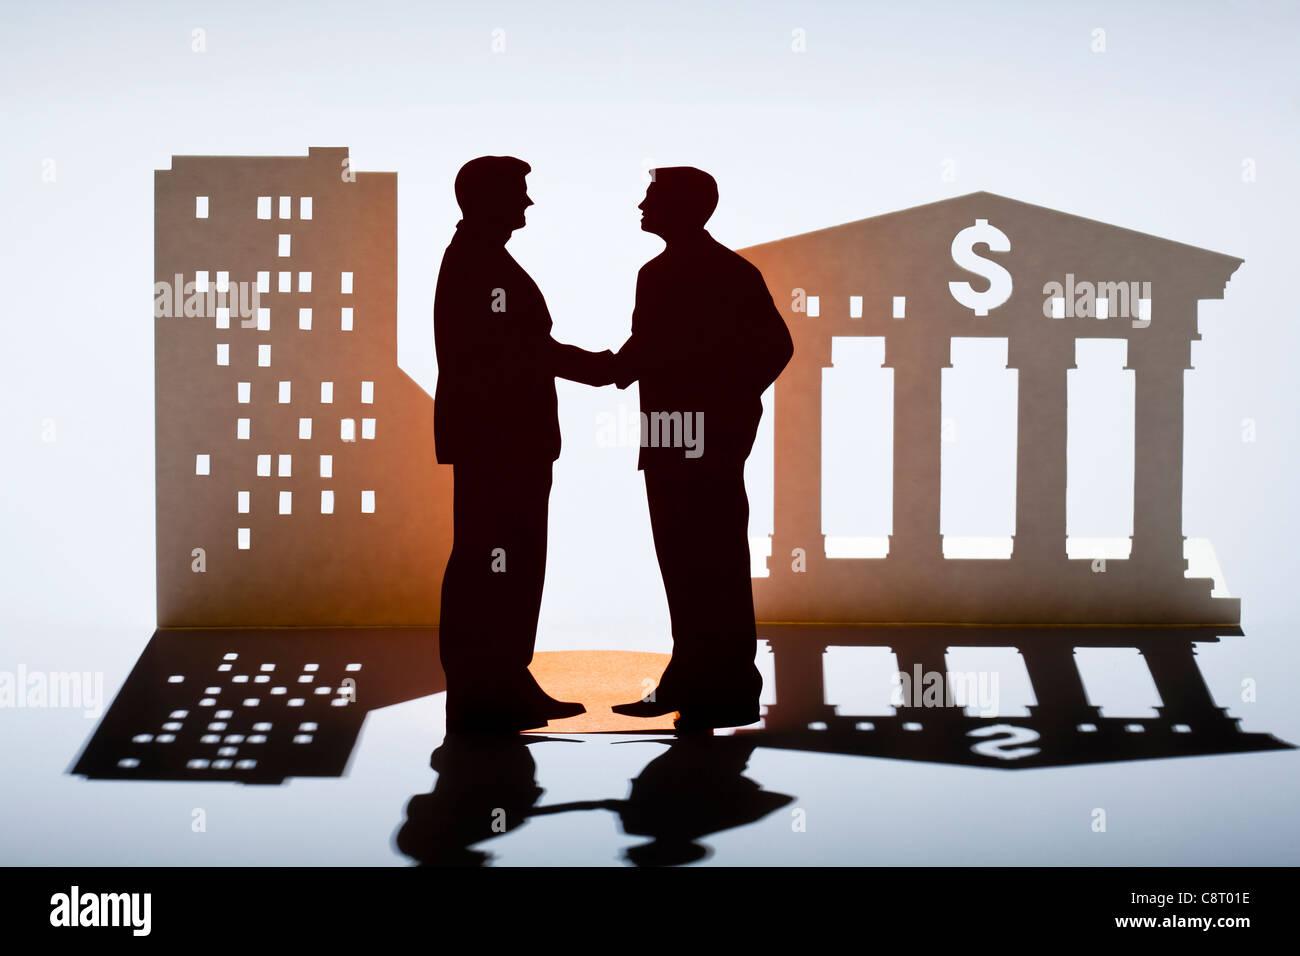 Concetto di partenariato e la crescita Immagini Stock